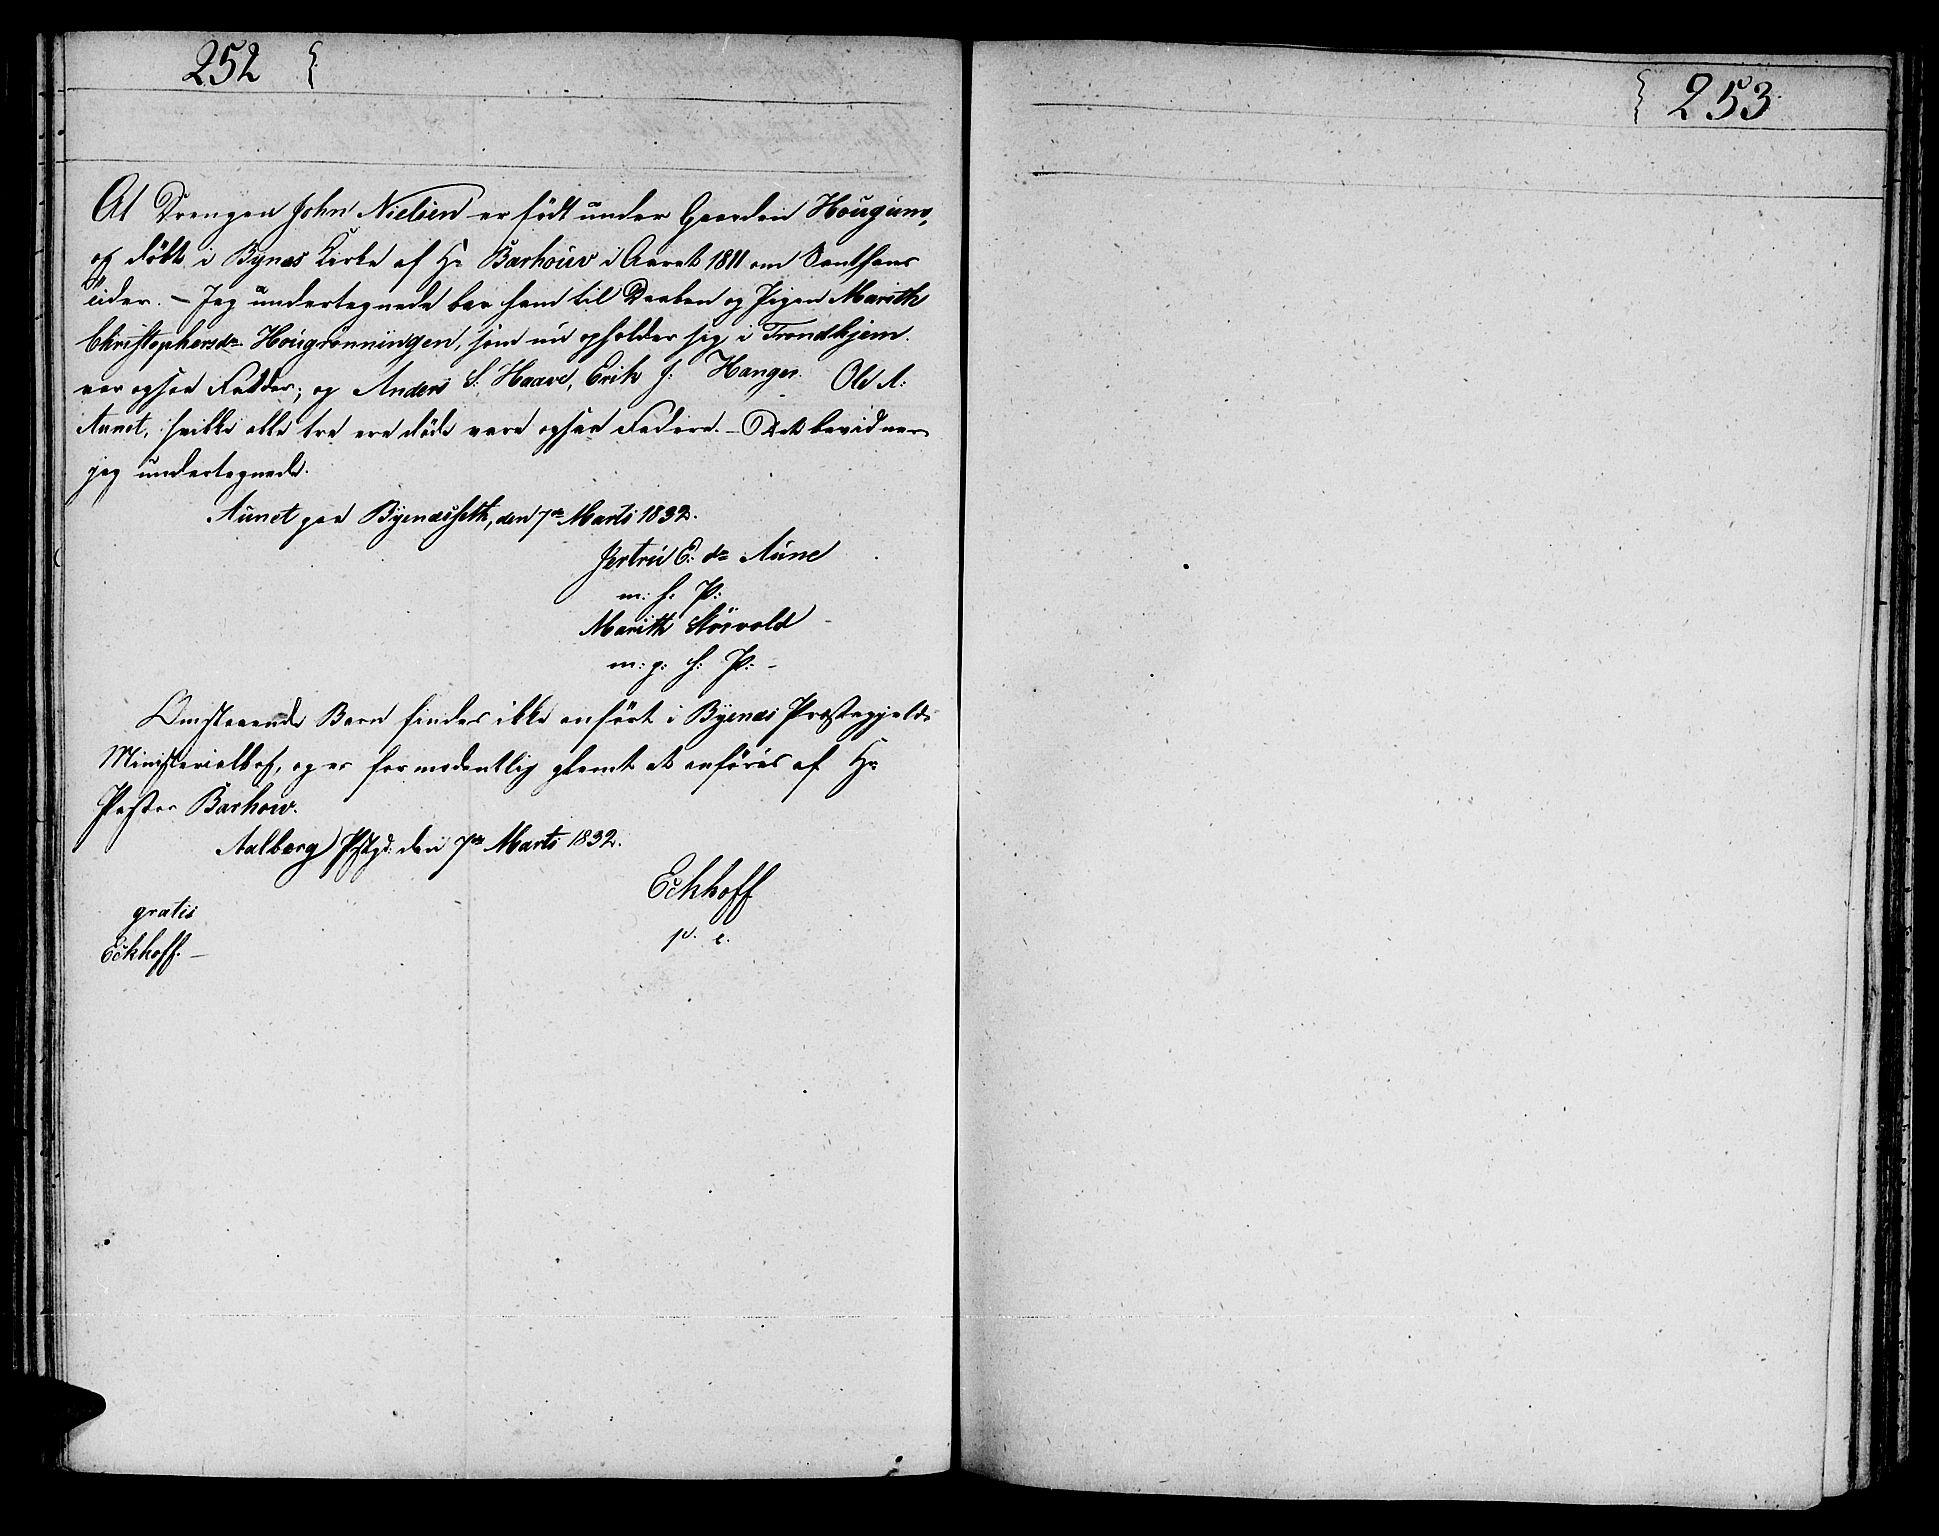 SAT, Ministerialprotokoller, klokkerbøker og fødselsregistre - Sør-Trøndelag, 606/L0306: Klokkerbok nr. 606C02, 1797-1829, s. 252-253